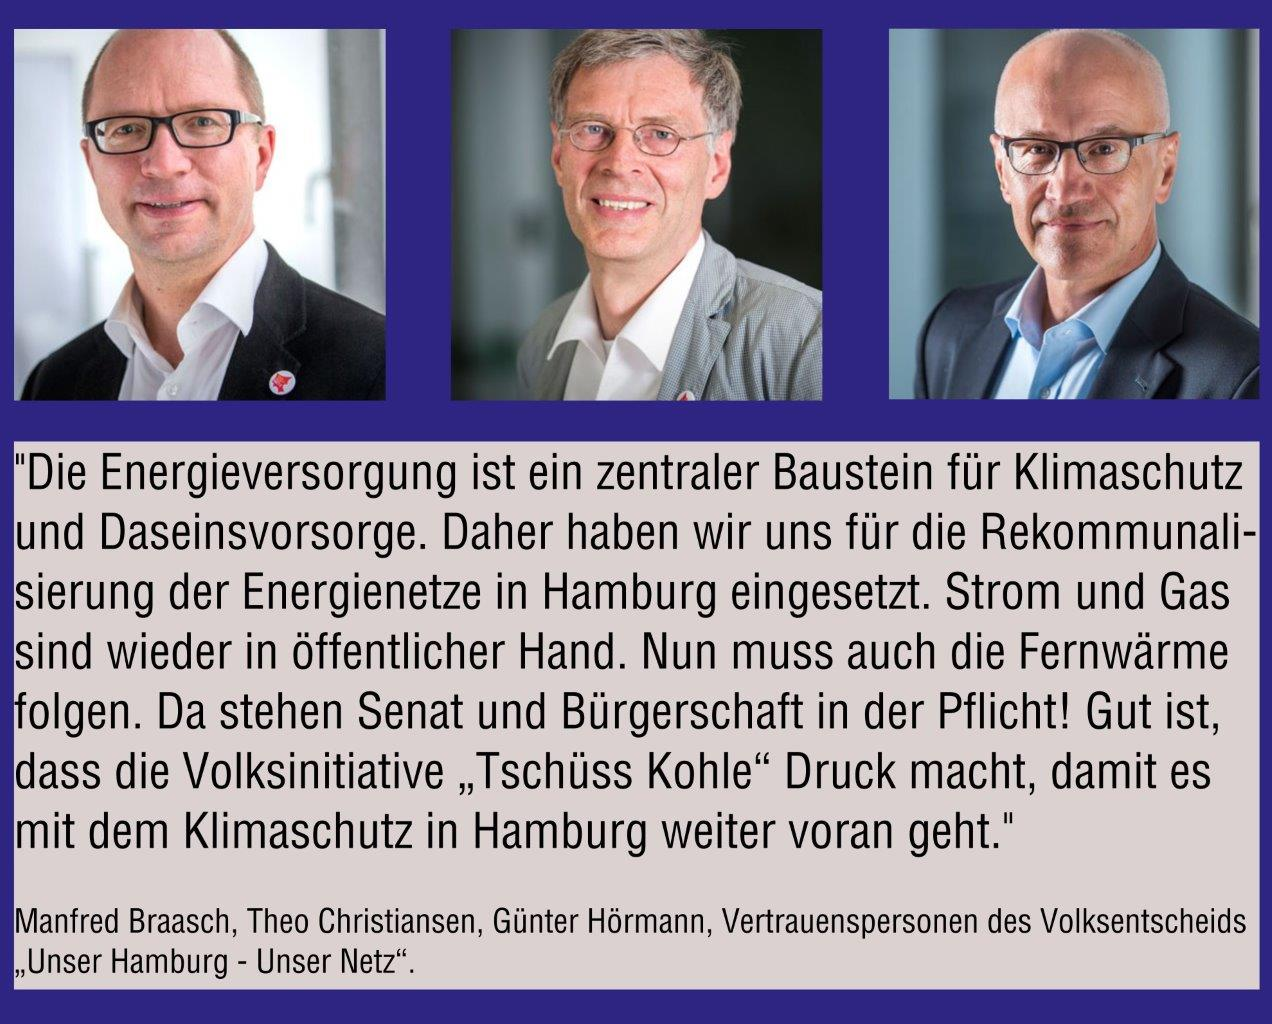 Volksentscheid Unser Hamburg – Unser Netz: Vertrauenspersonen fordern Rückkauf der Fernwärme